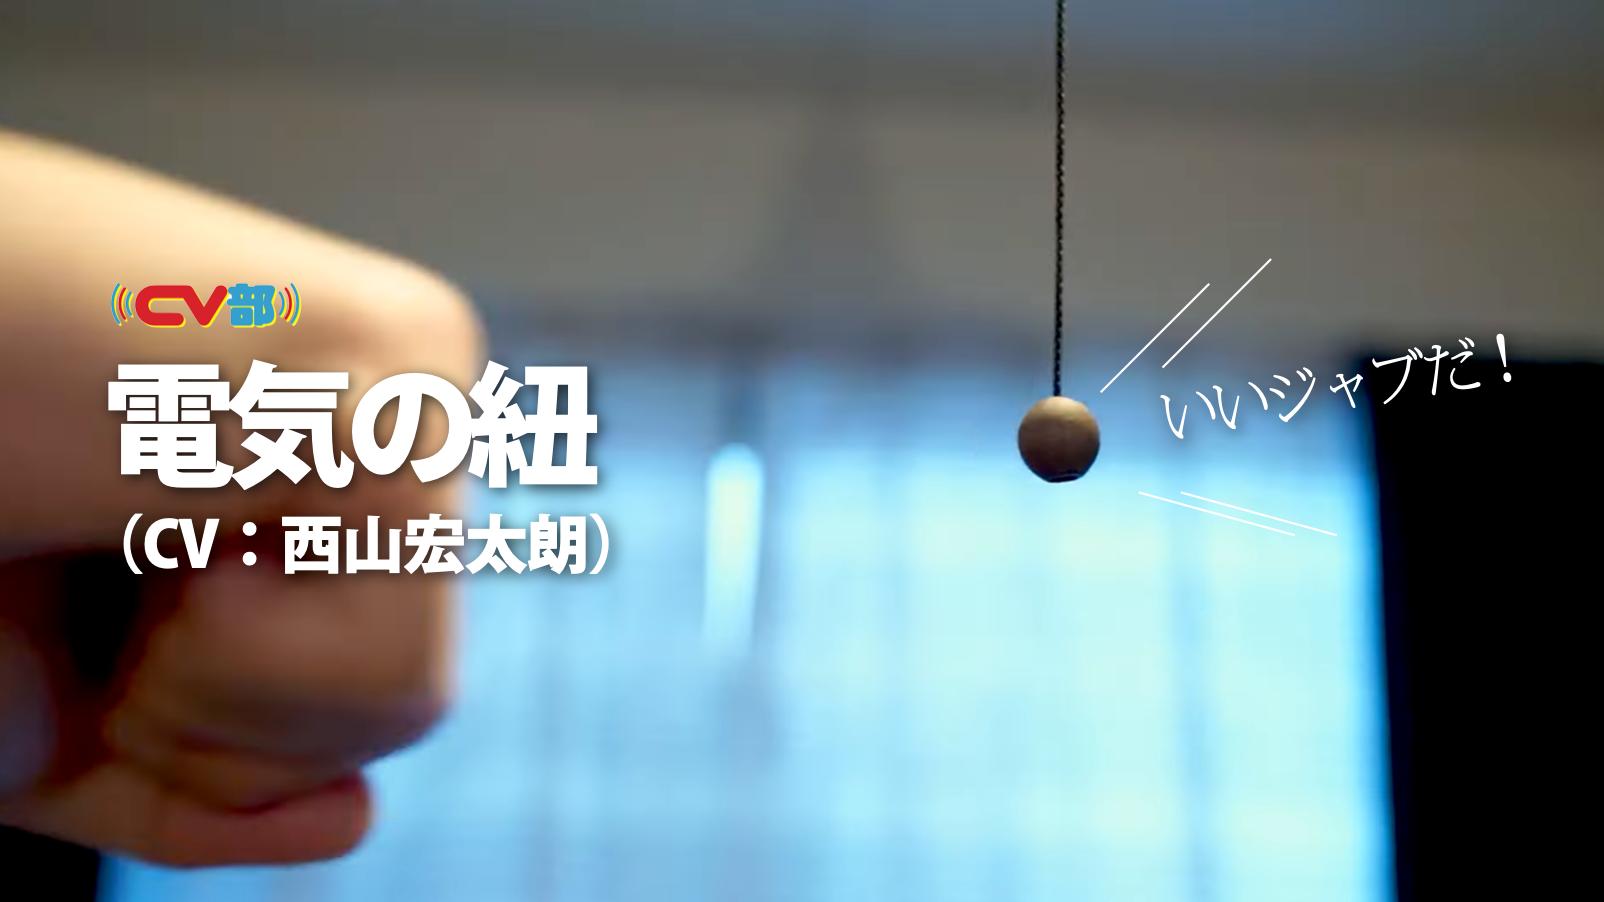 電気の紐にアテレコした声優他にいる?西山宏太朗さんが「CV部」最新作でツッコミ炸裂!